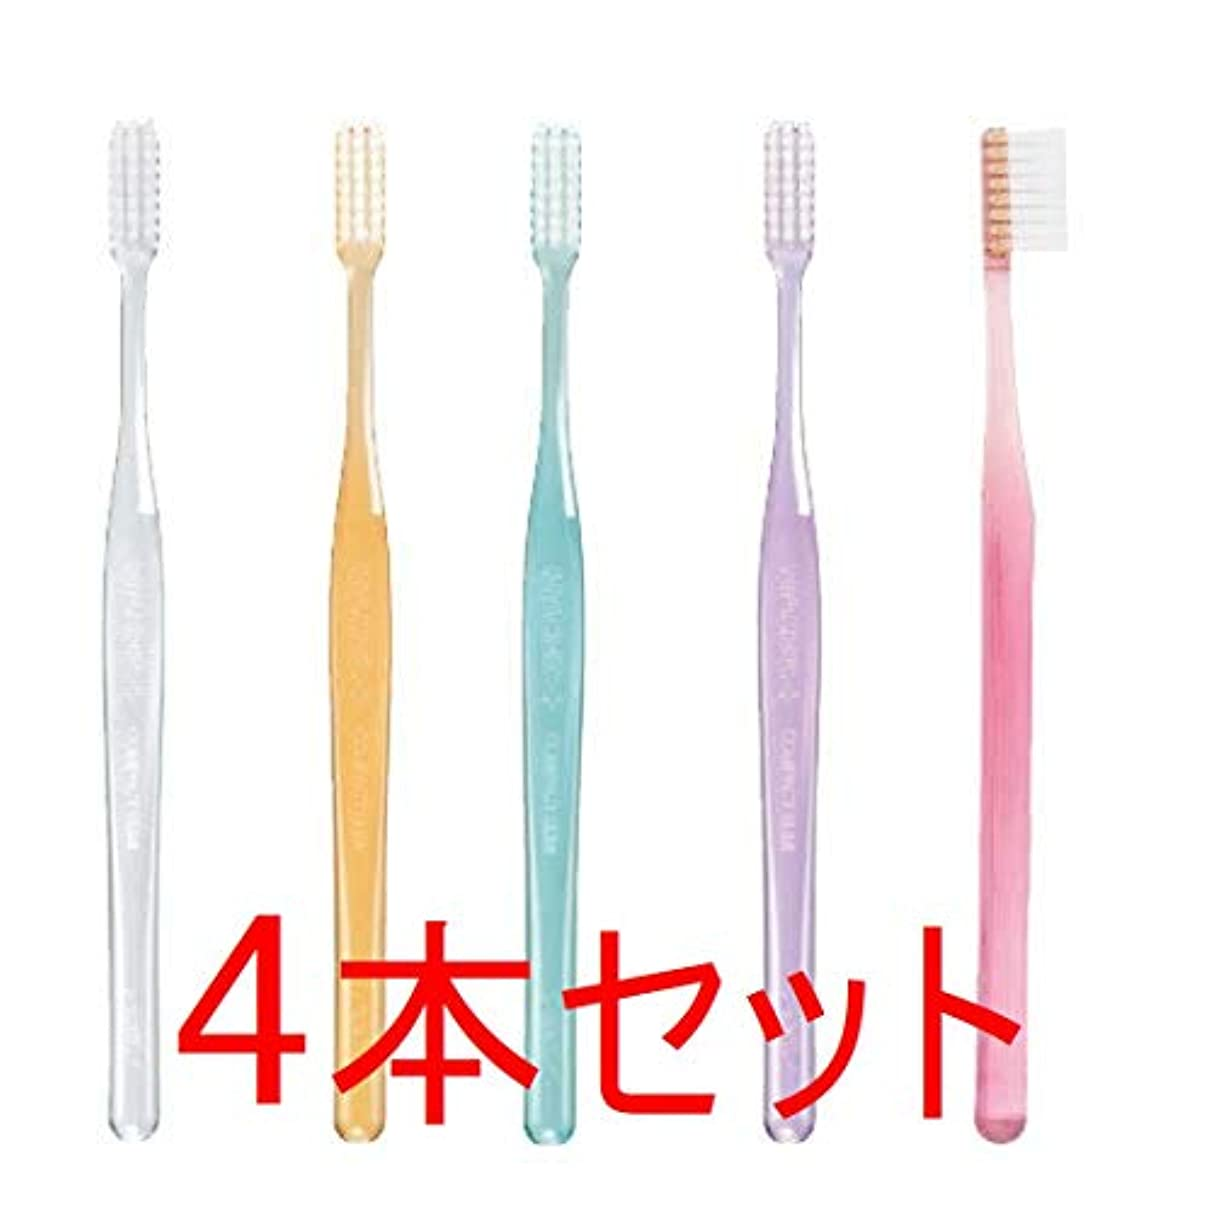 おいしい陸軍推論GC プロスペック 歯ブラシ プラス コンパクトスリム 4本 クリアー色 (M(ふつう), おまかせ)